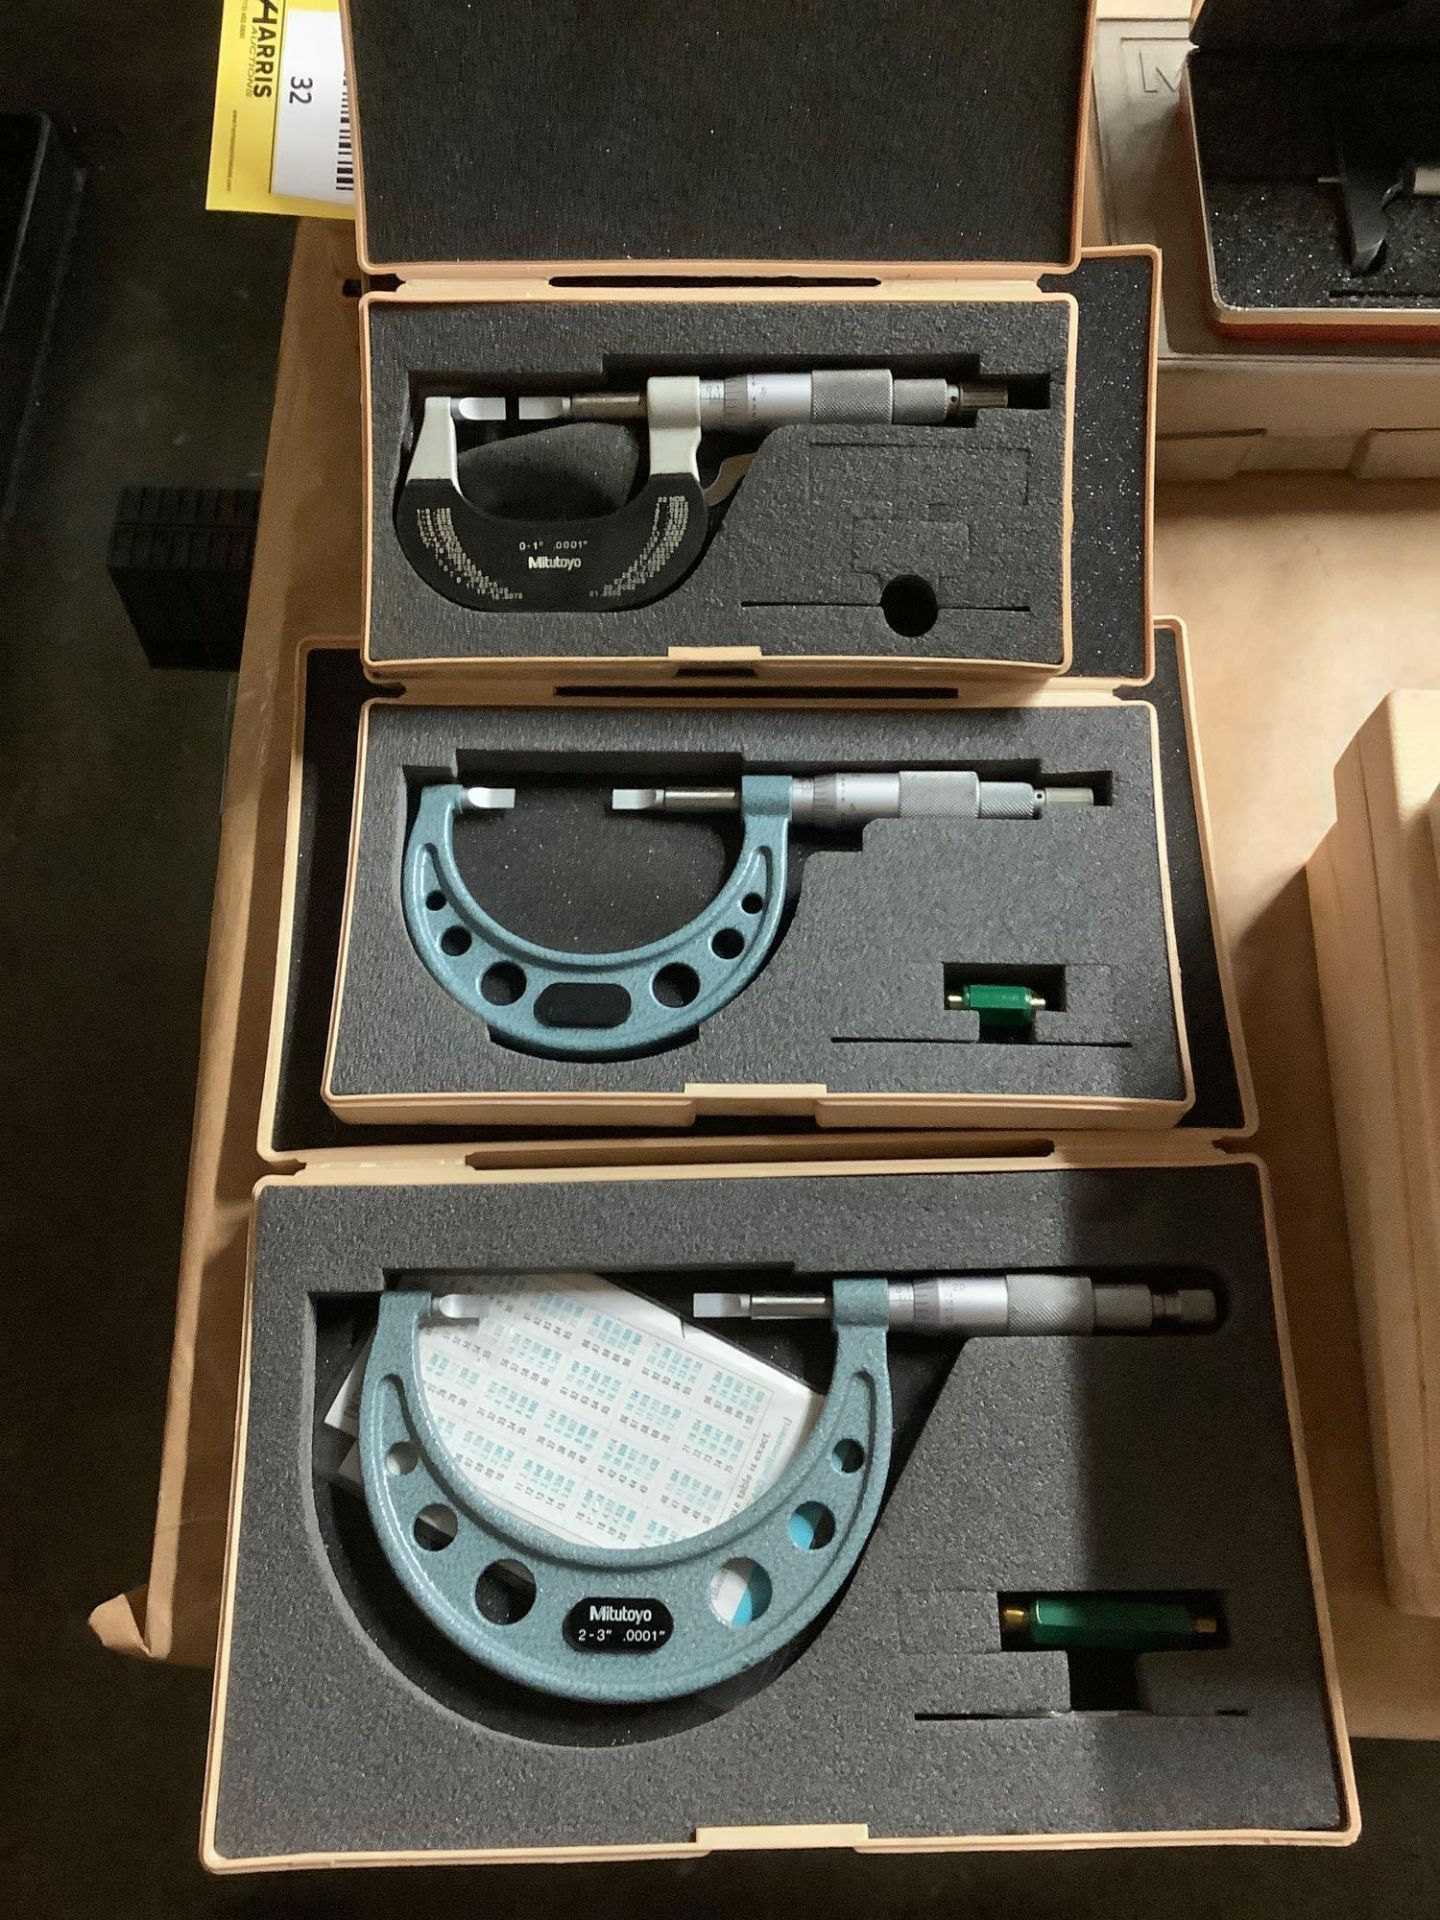 Lot of 3 Mitutoyo Blade Micrometers